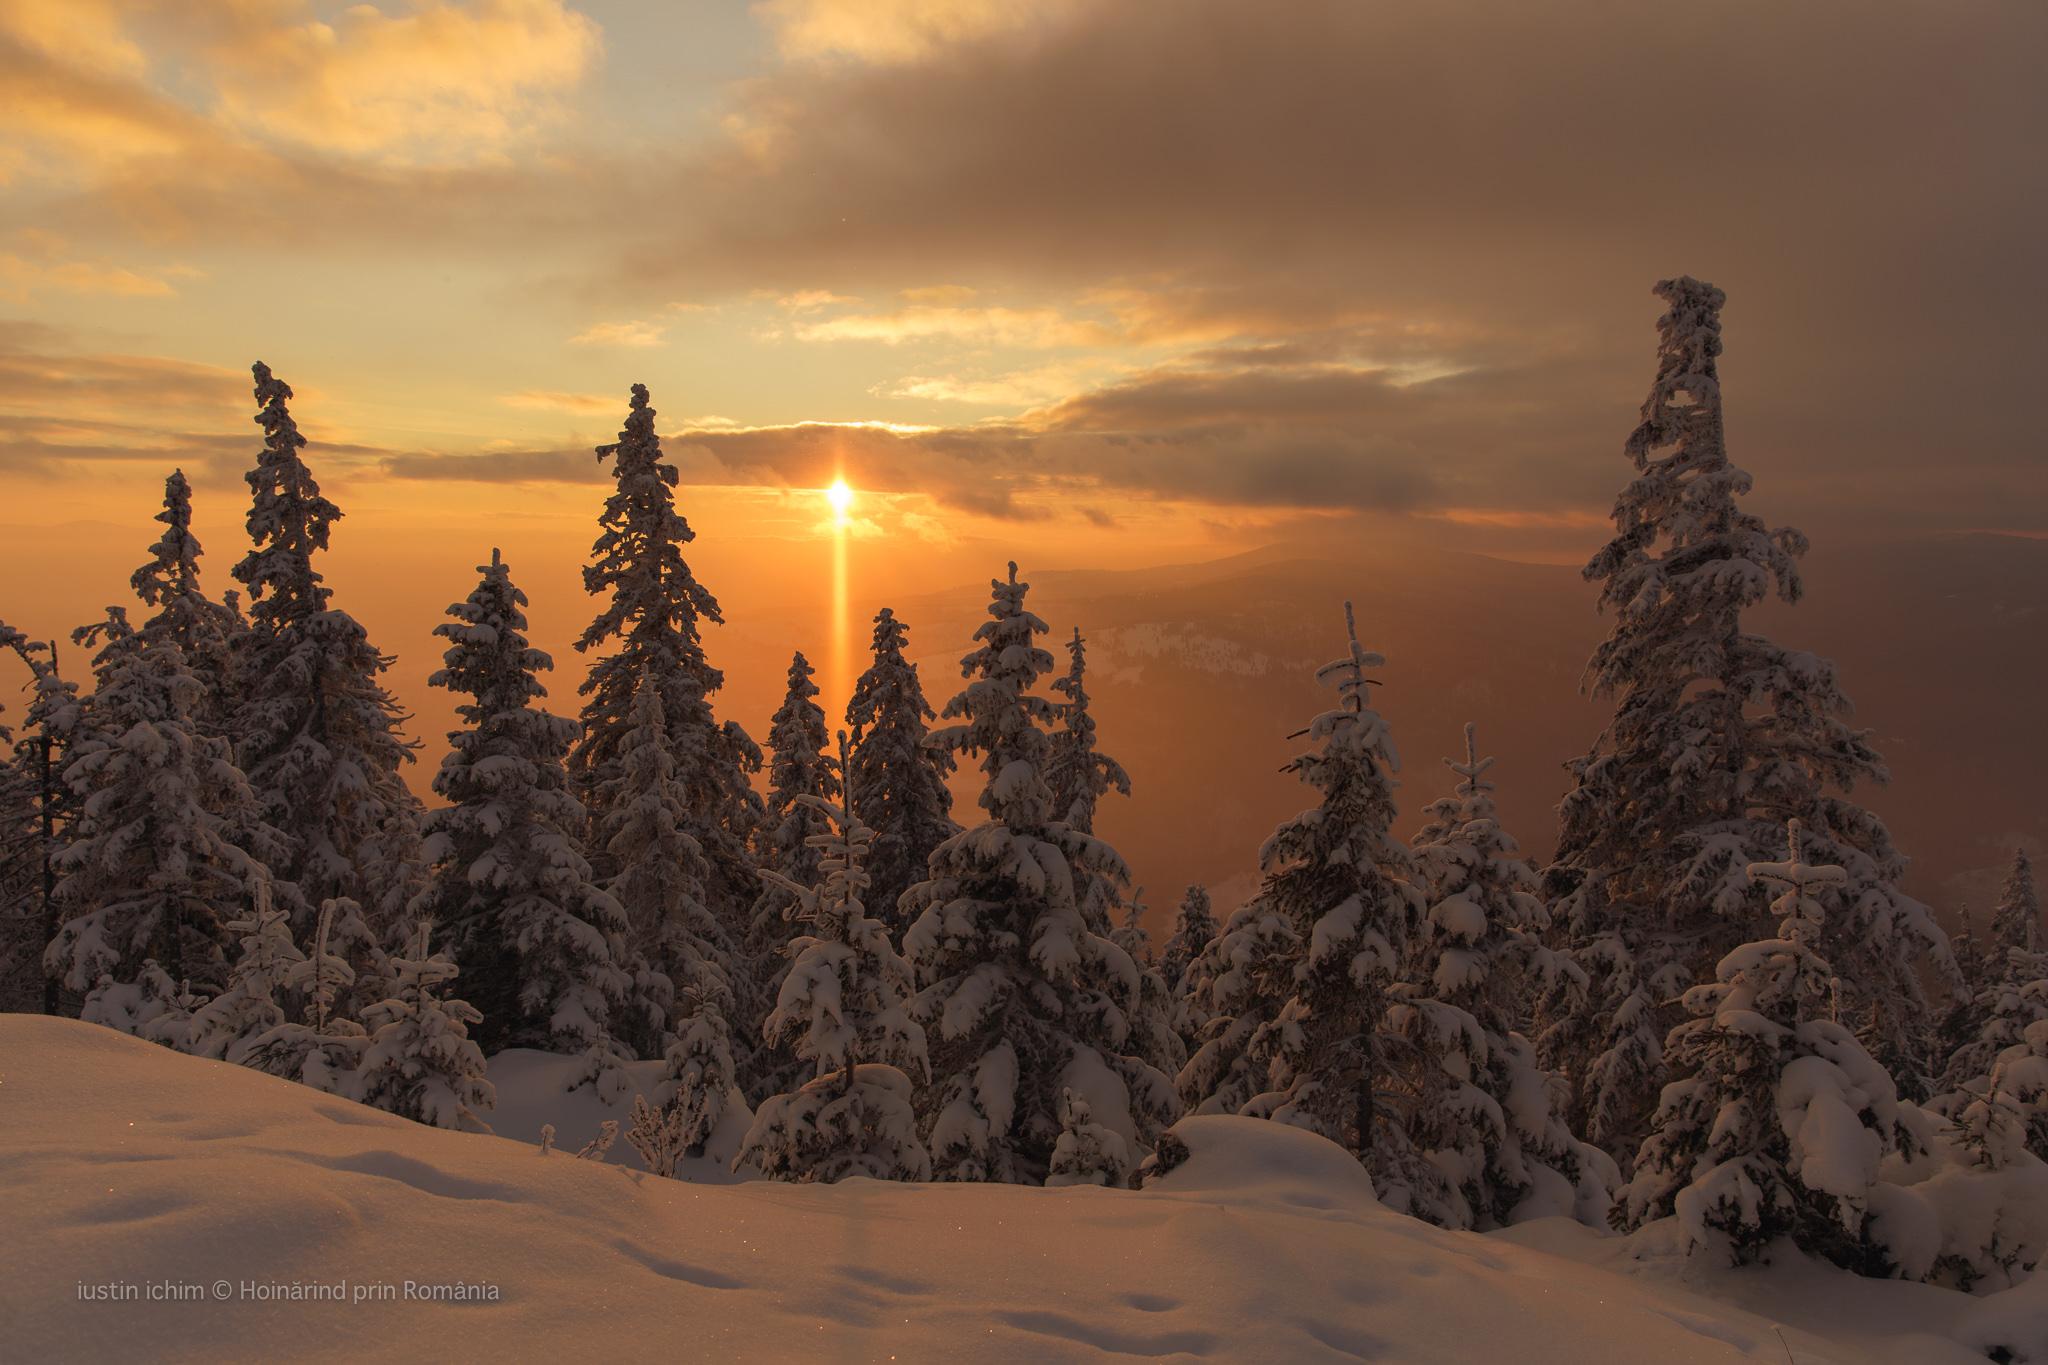 Peisaj de iarnă, apus de soare in Hășmaș, Romania